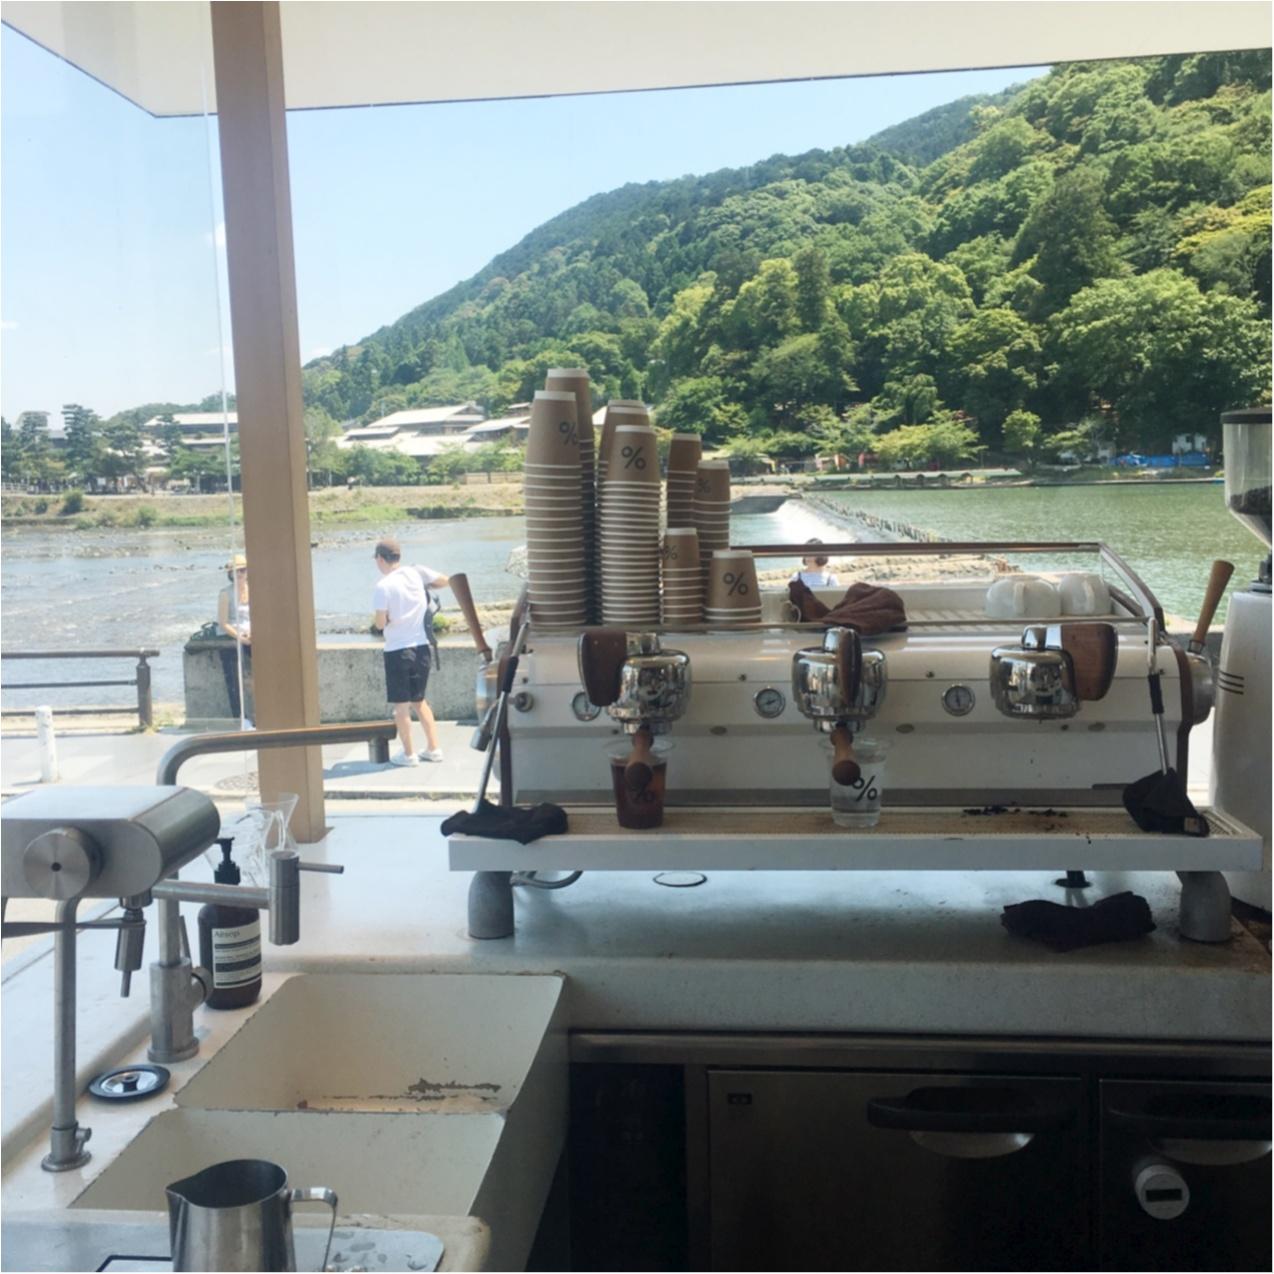 京都に行ったら絶対オススメ♡《 京都アラビカ 》のこだわりコーヒーはいかがですか?_2